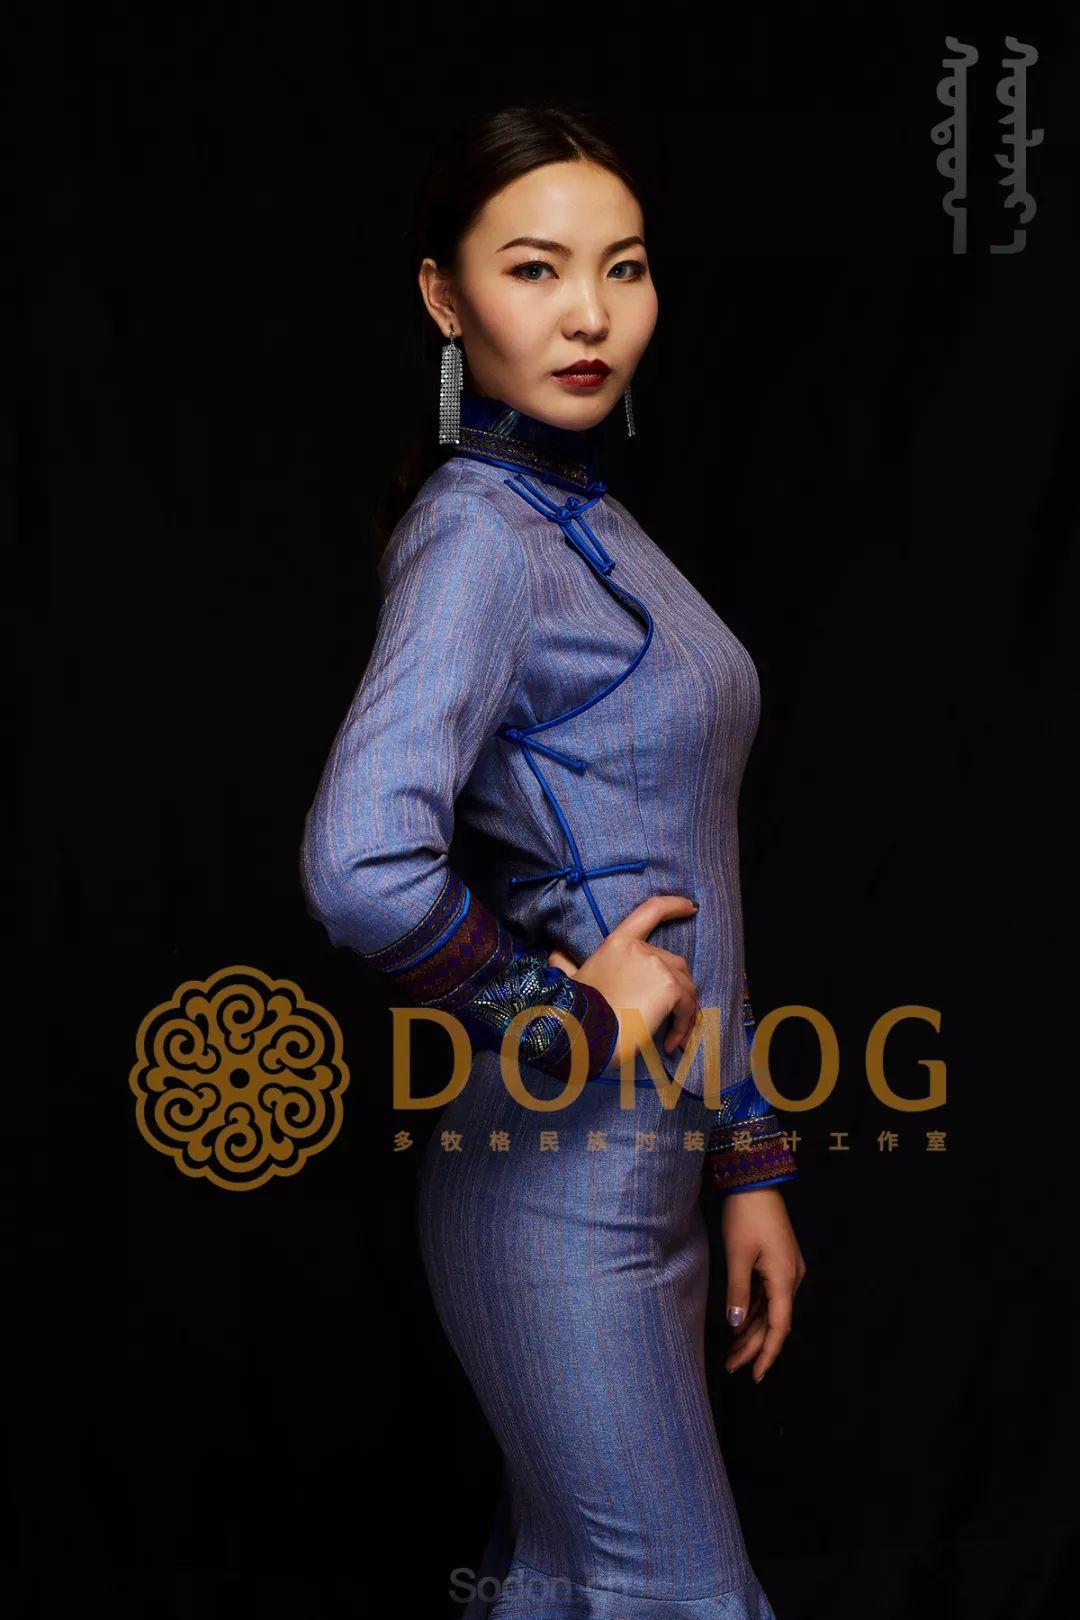 DOMOG蒙古时装绝美秋冬款系列,美出新高度! 第33张